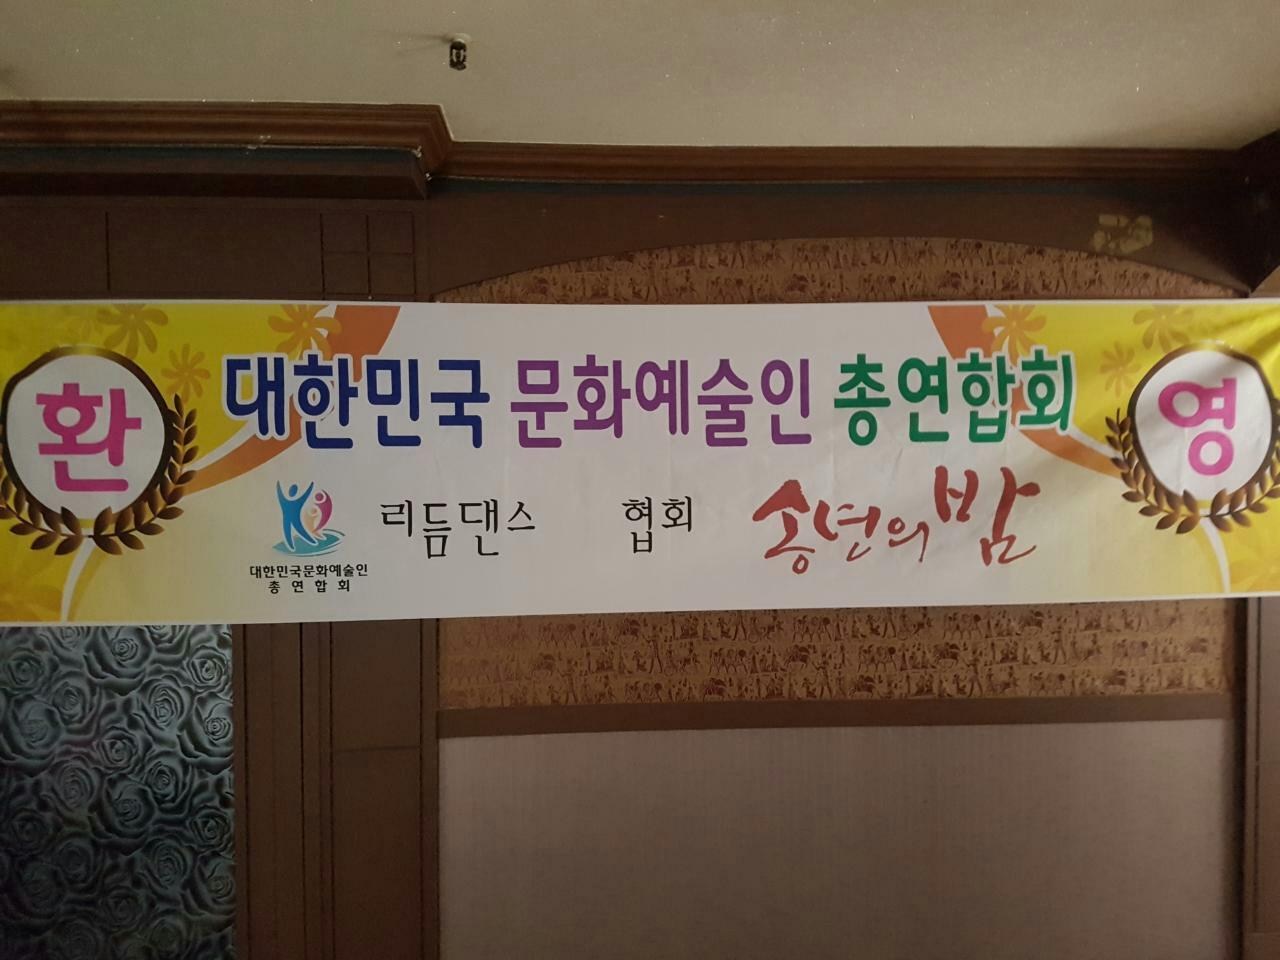 17-12-15 리듬댄스협회 송년의 밤1.jpg